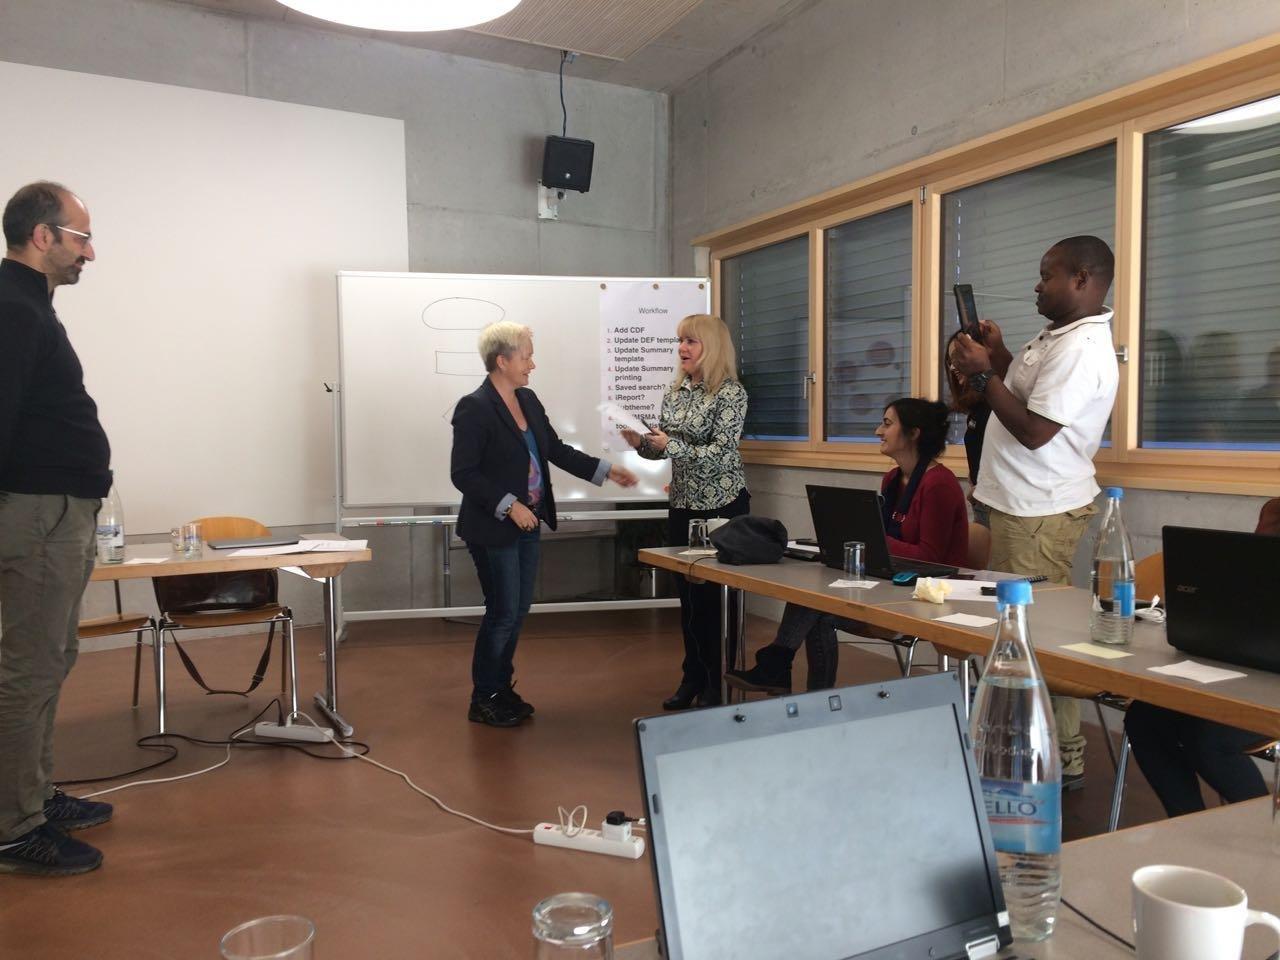 Військовослужбовець Центру розмінування увійшов в трійку найкращих слухачів фахового курсу в Швейцарії, фото-2